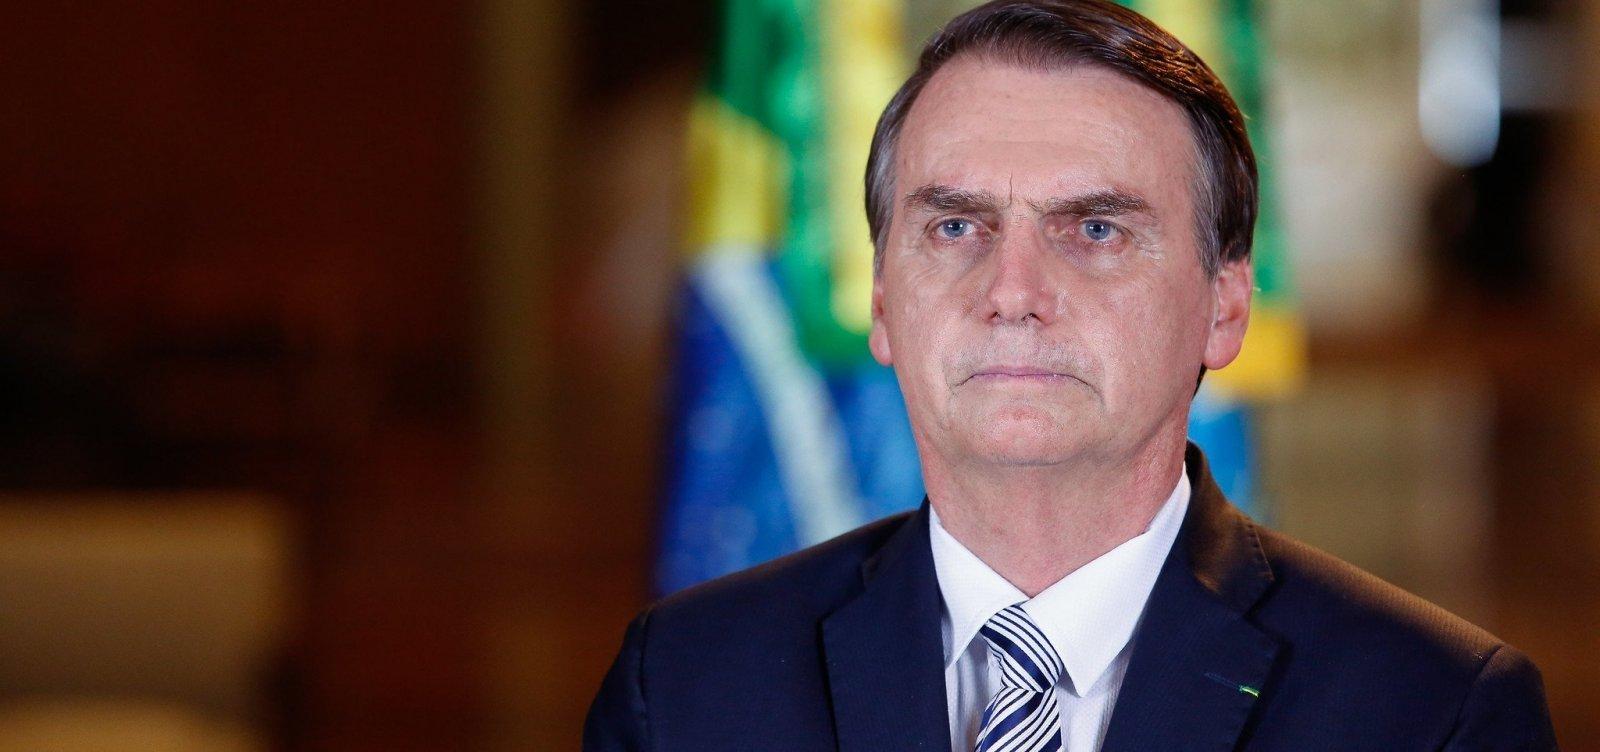 Datafolha: 48% desaprovam desempenho de Bolsonaro frente à Covid-19